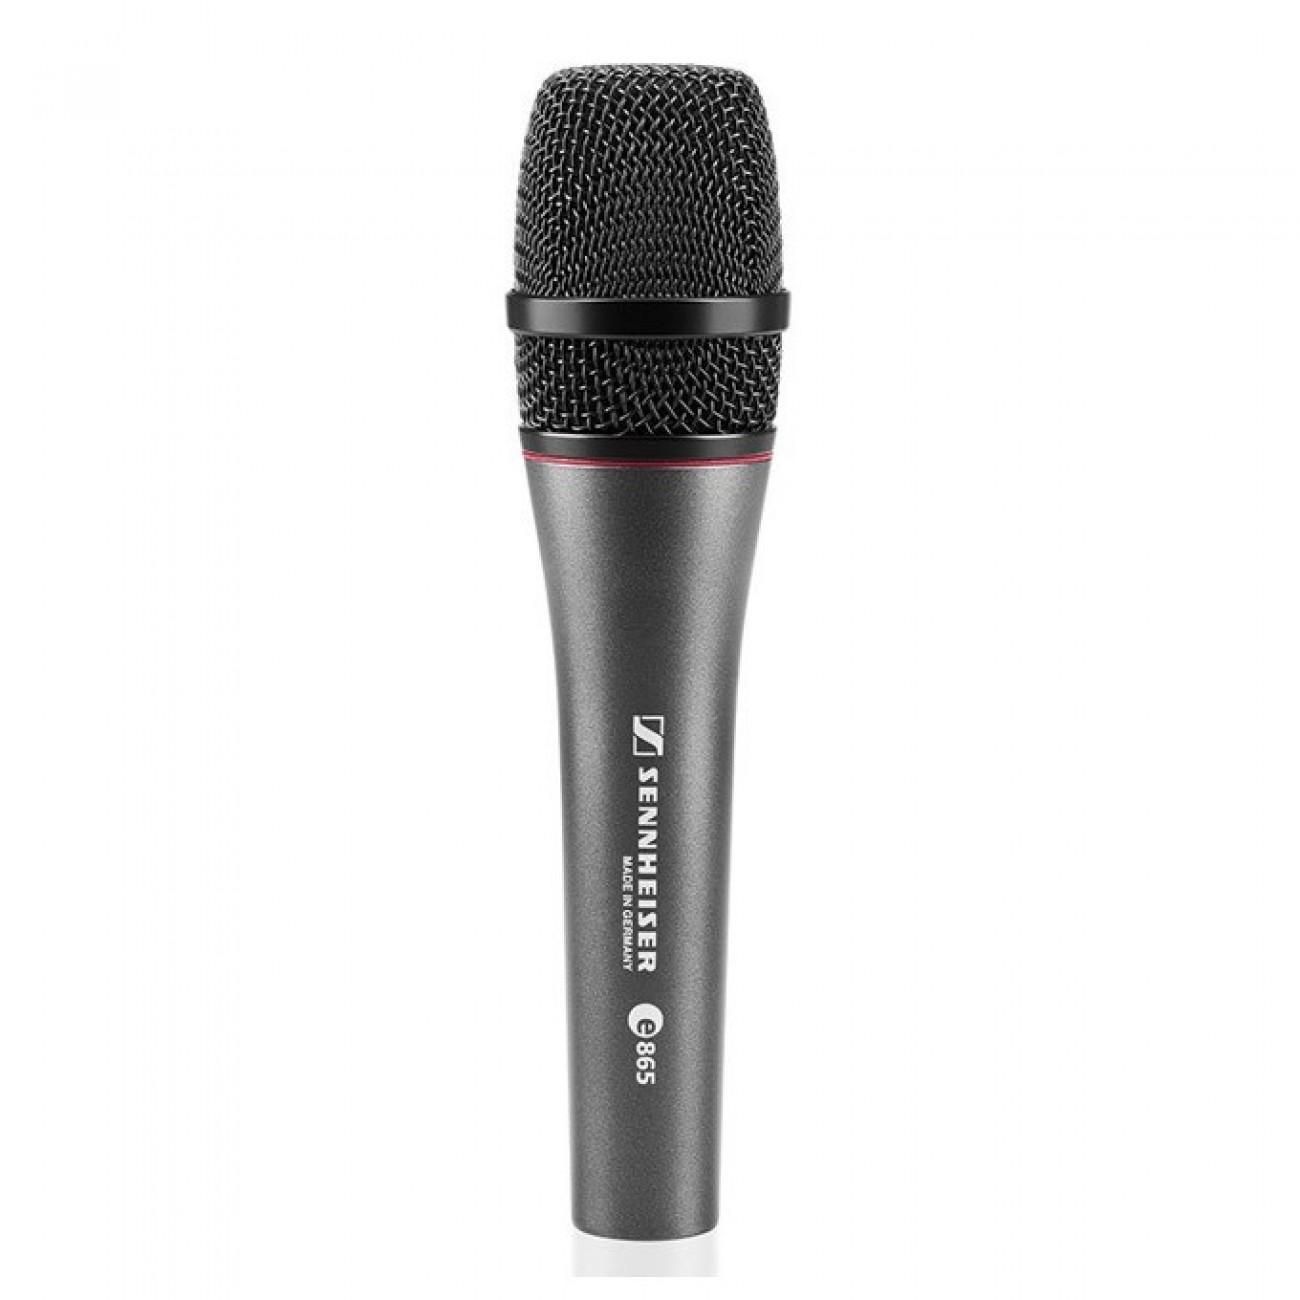 Микрофон Sennheiser E 865, вокален супер кардиоиден, 40-20kHz, XLR-3 конектор в Микрофони -  | Alleop